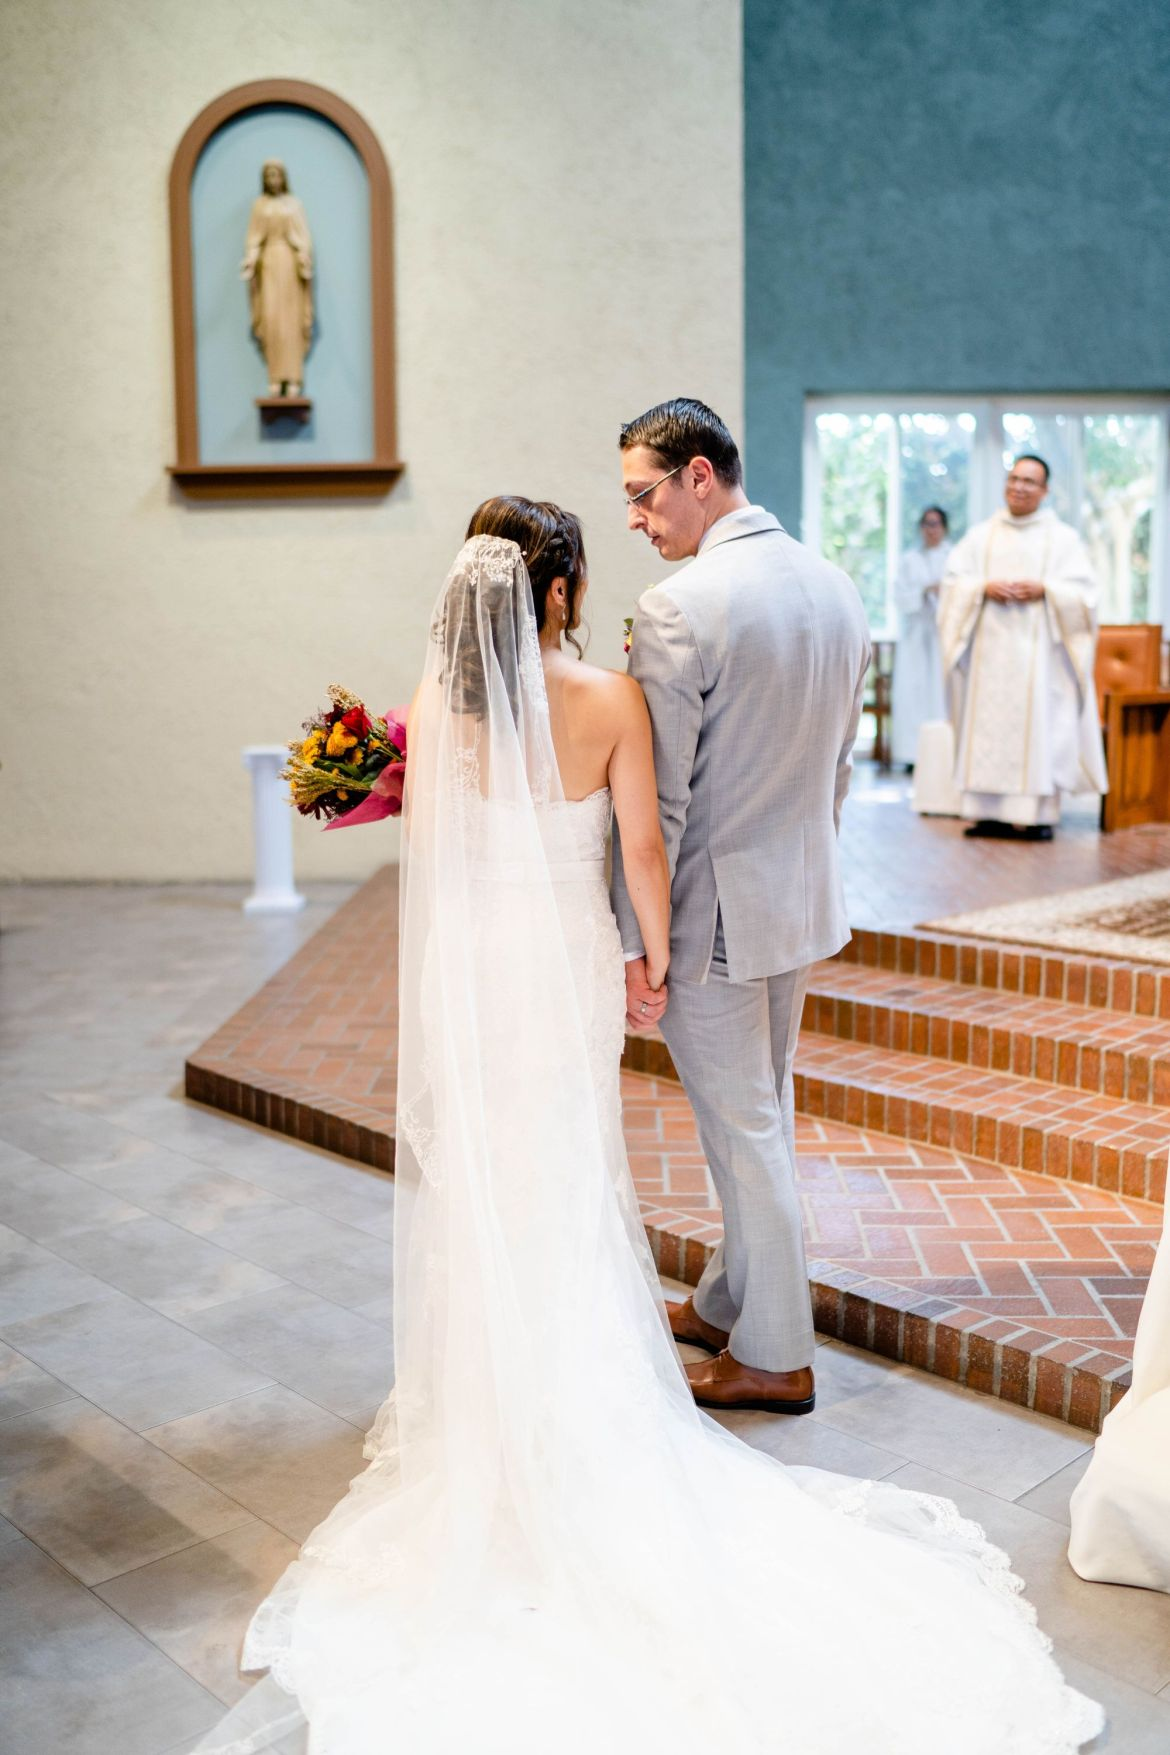 catholic wedding formal